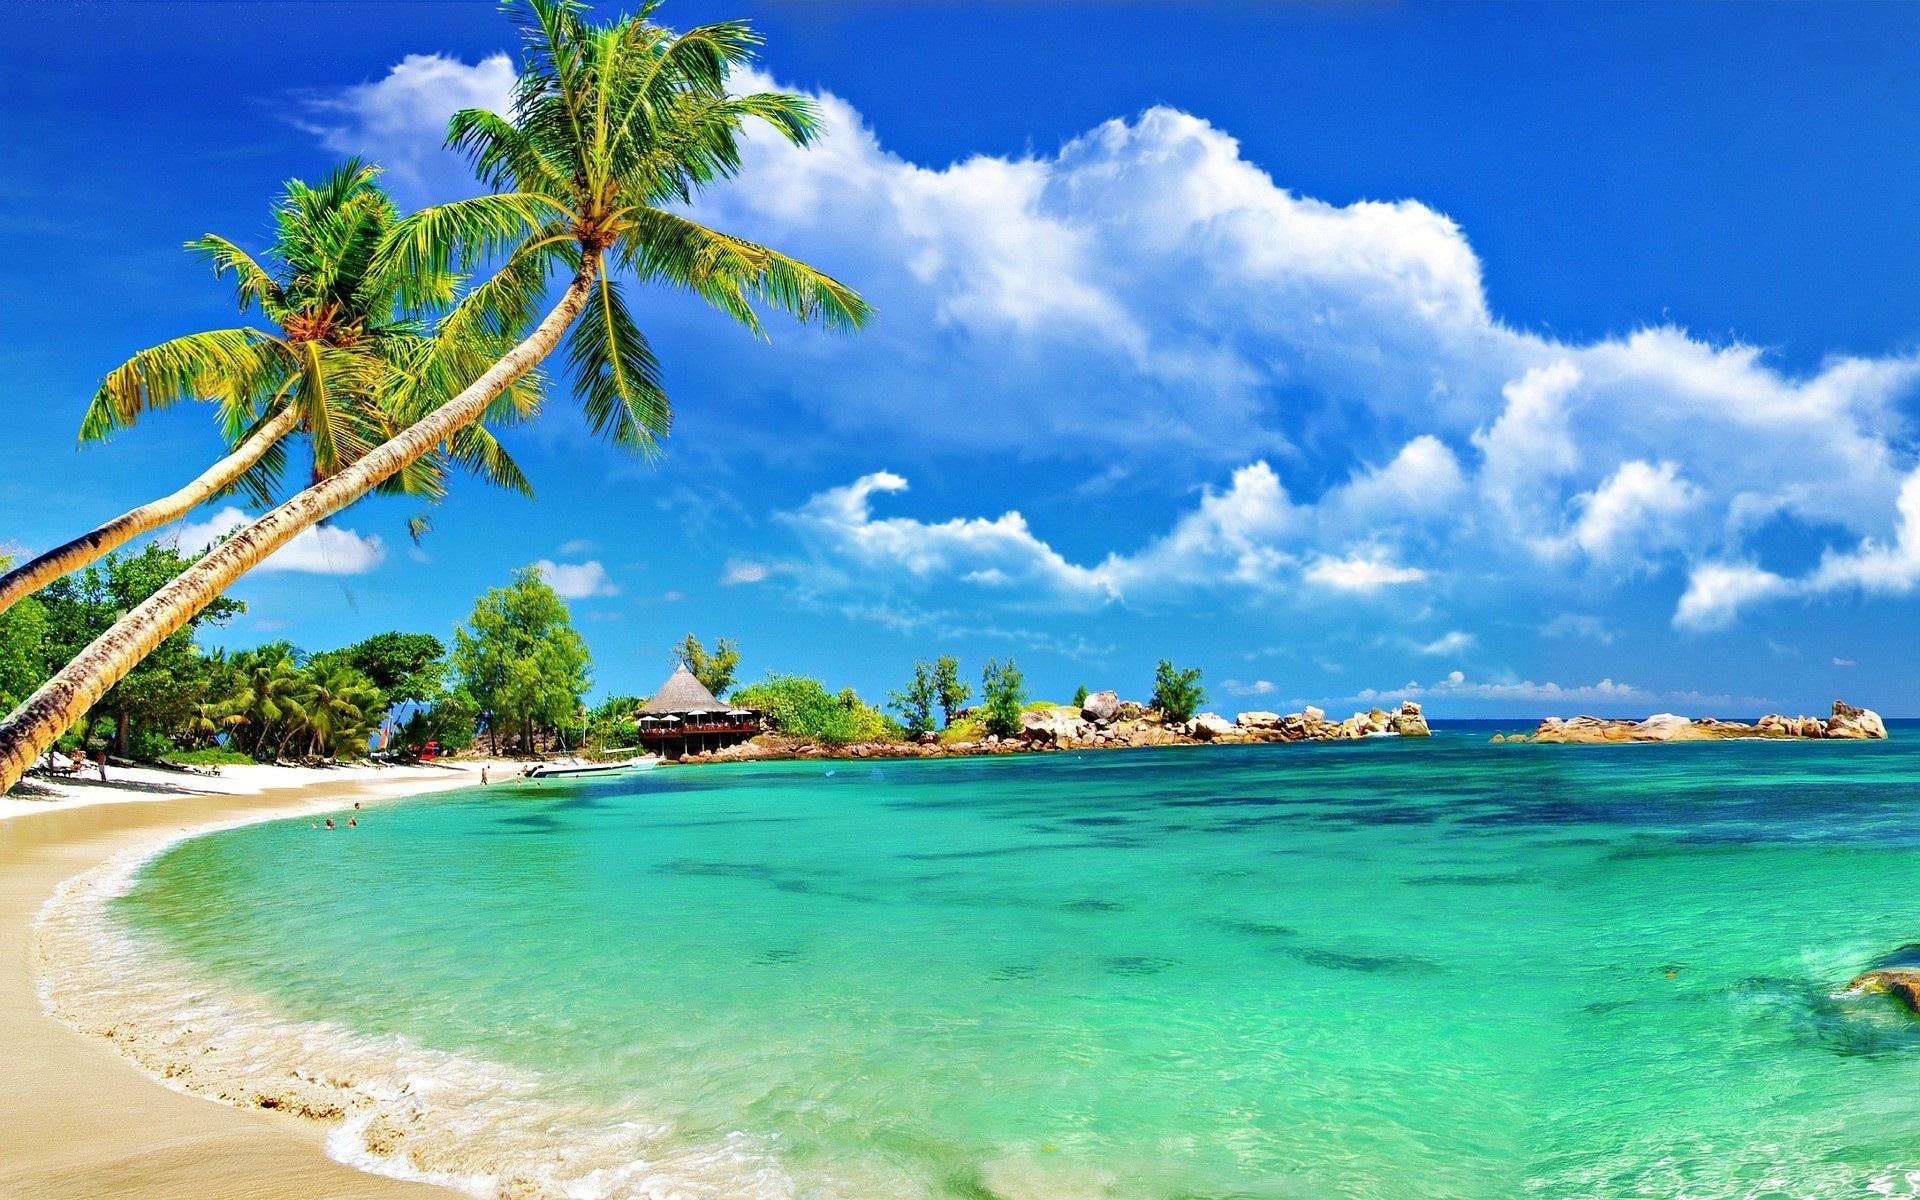 Tropical Beach HD Wallpaper   Tropical Beach Images  